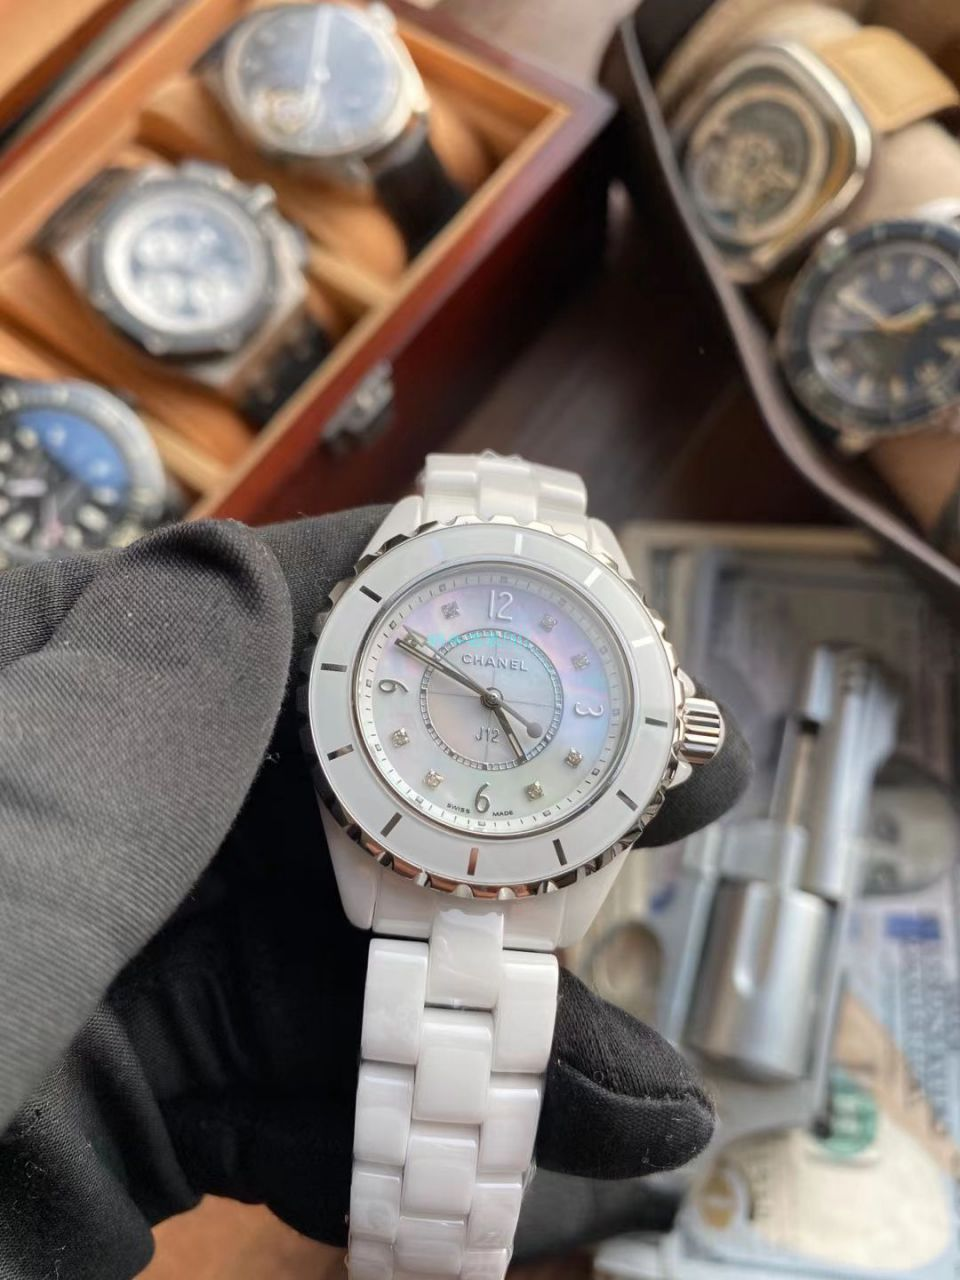 KOR厂最高版本香奈儿J12系列H2422超A高仿女士手表 / XB068